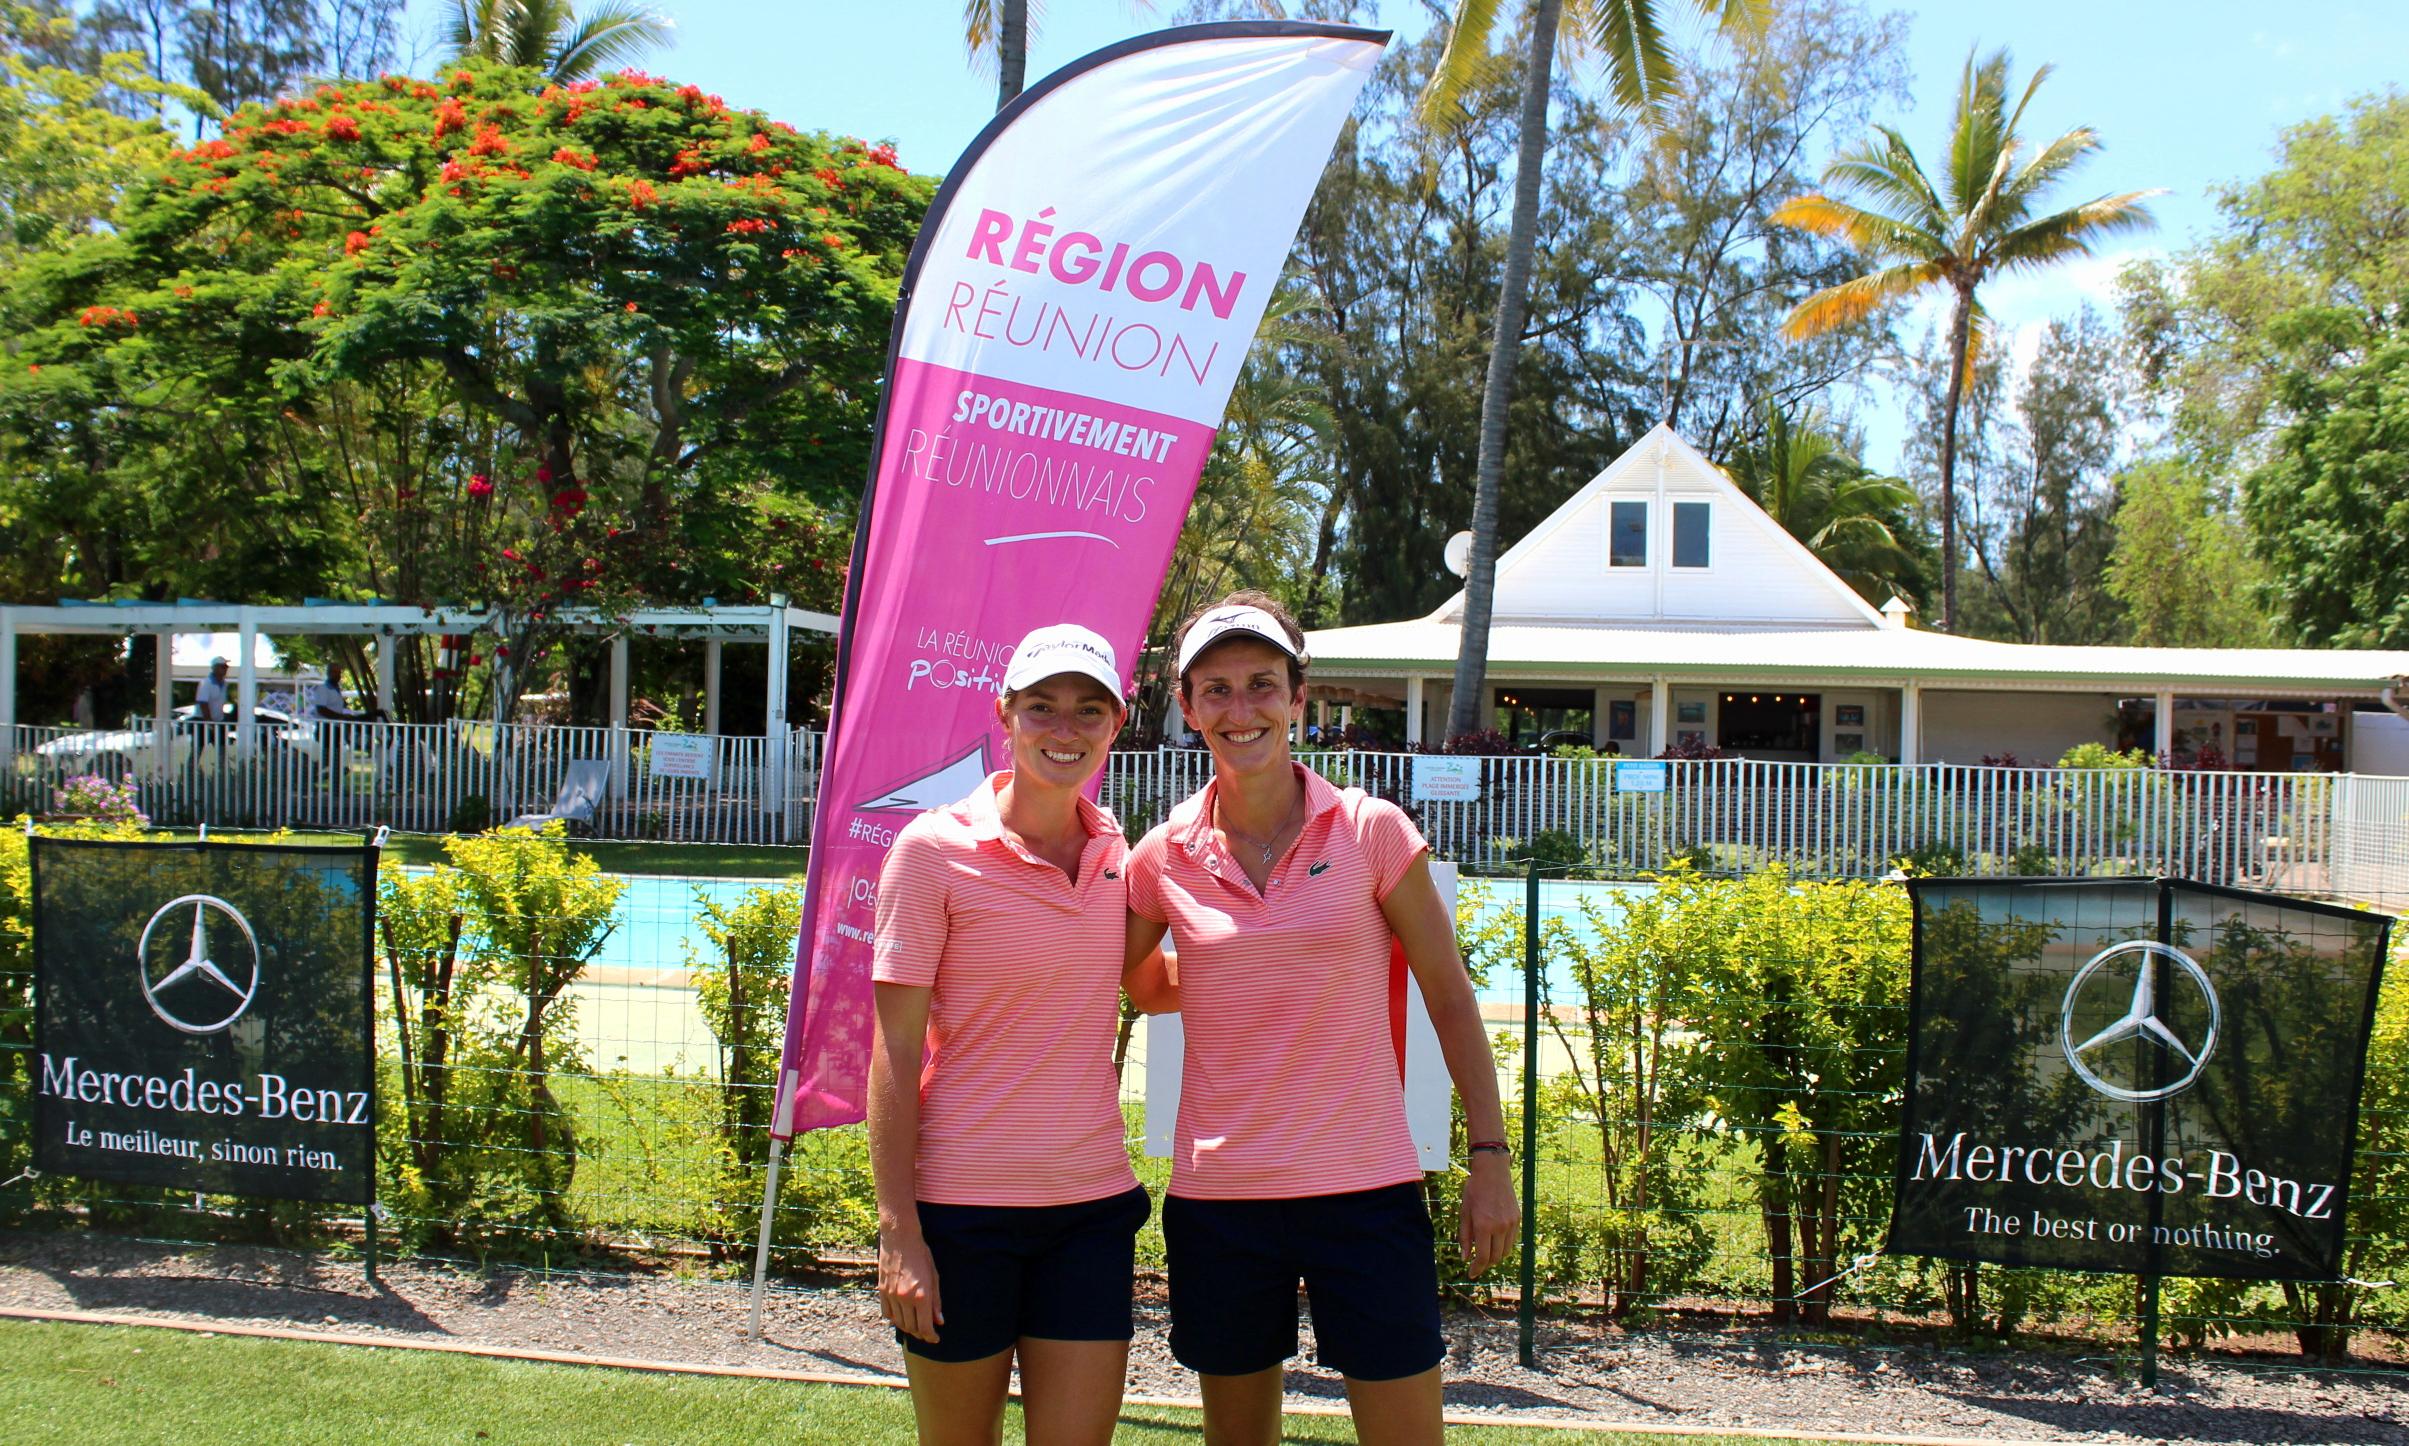 Golf - France - Internationaux de France de double: Agathe Sauzon et Lucie André confirment